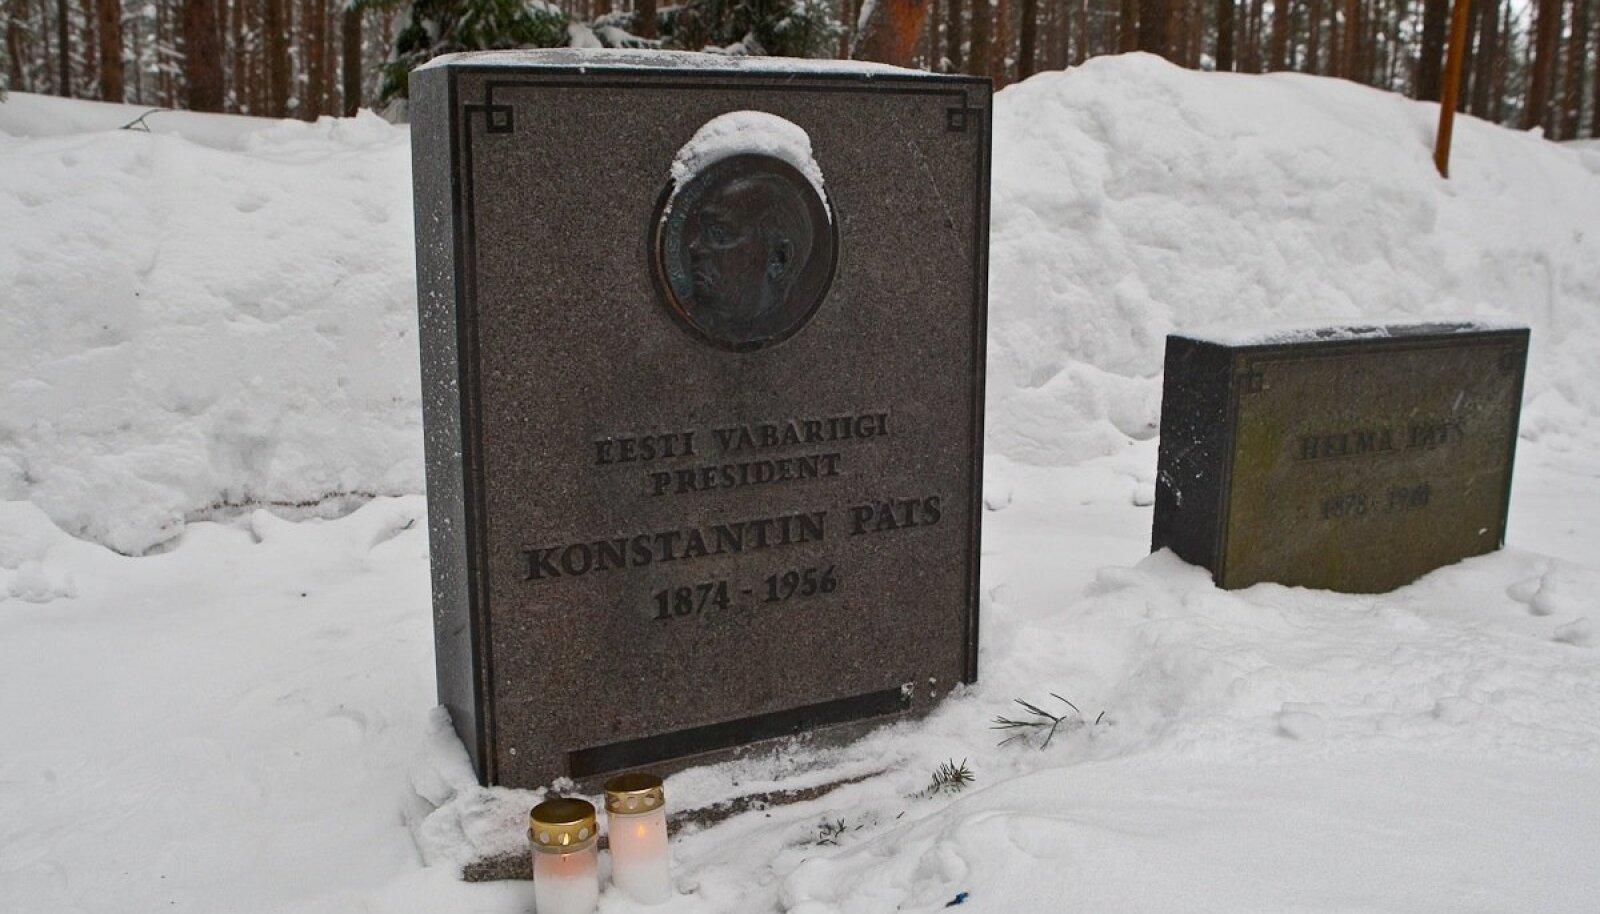 Konstantin Pätsi haud